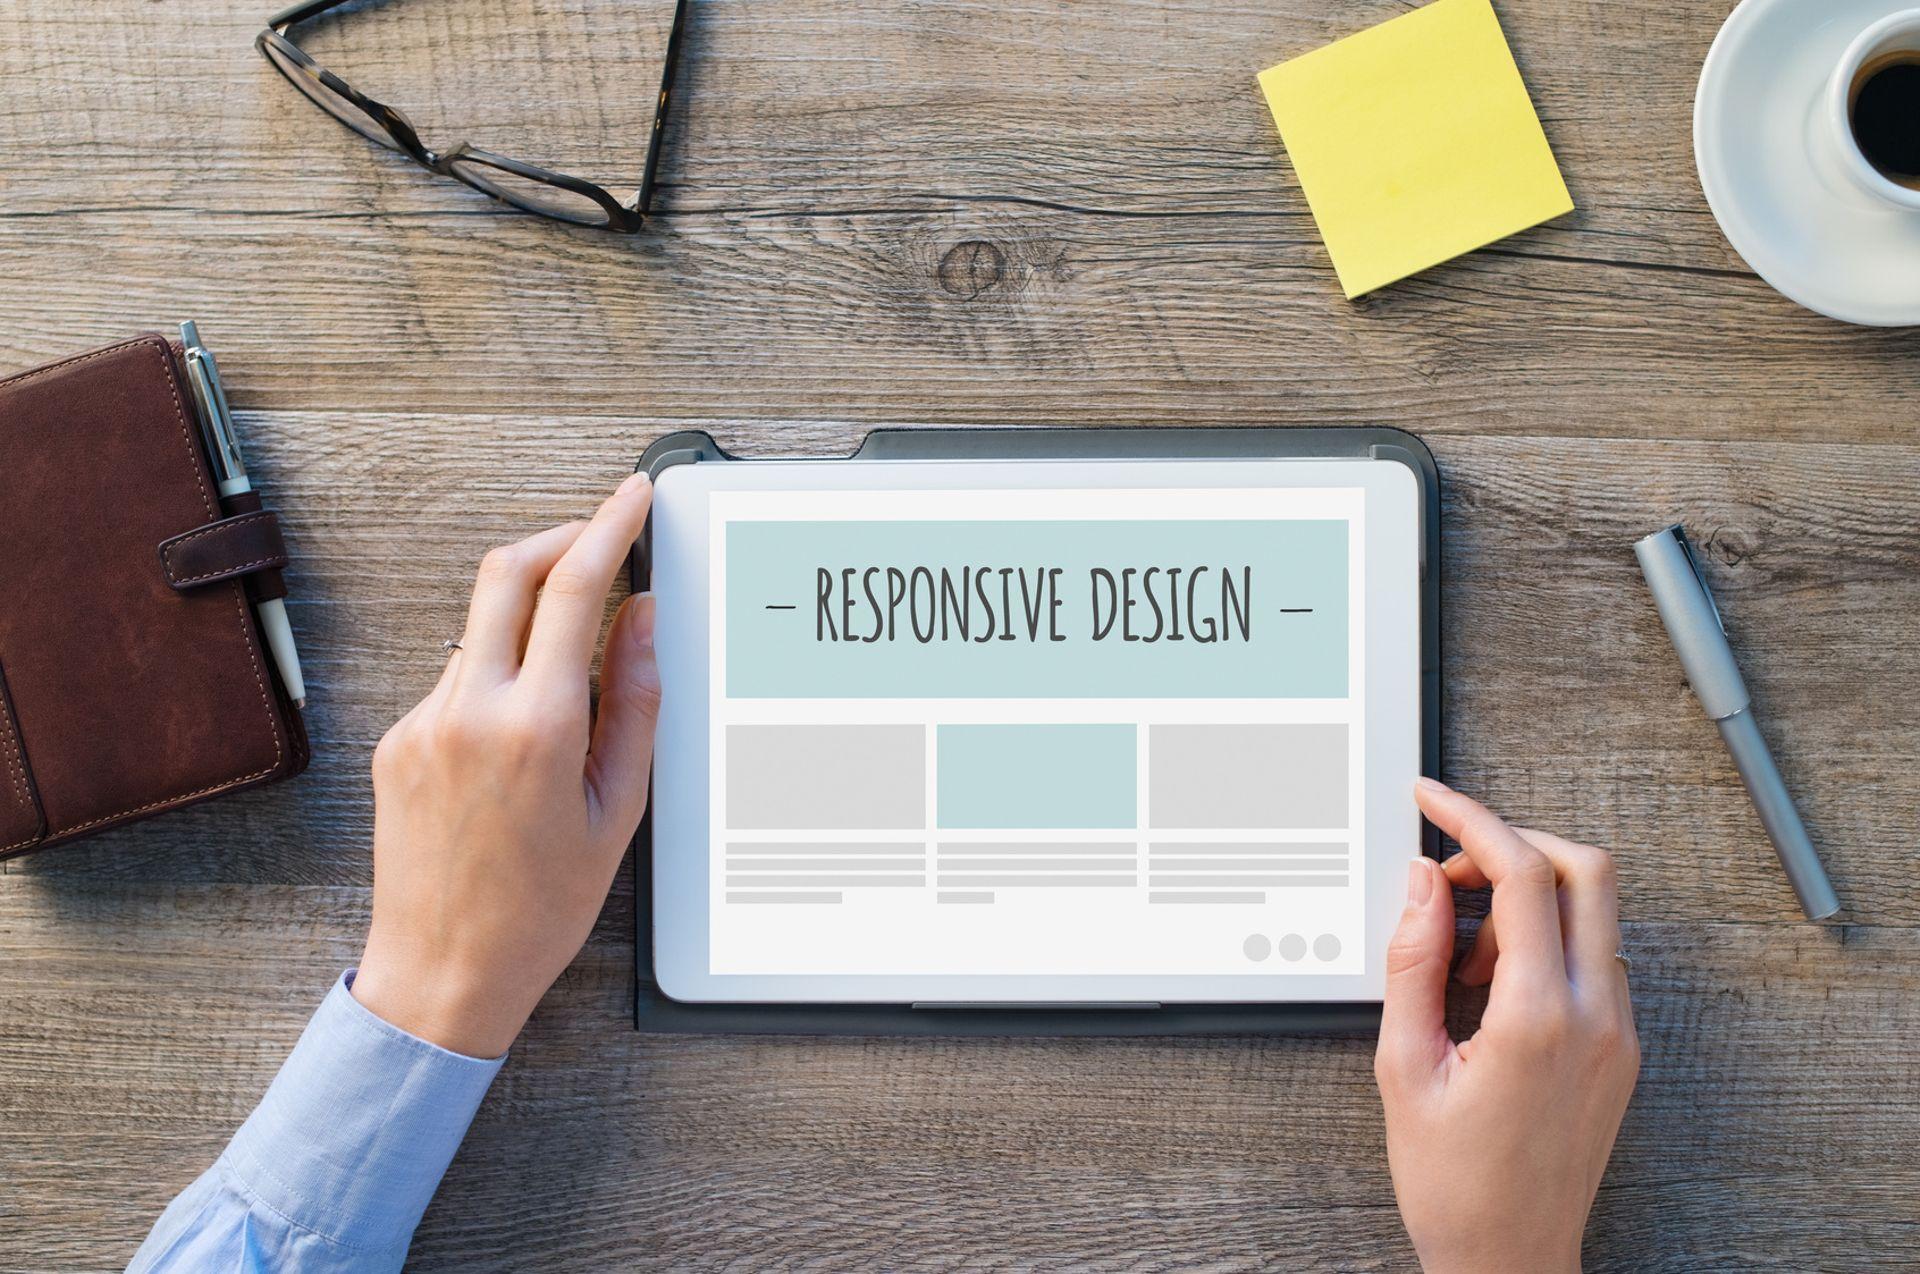 Diseño web responsive en tu nueva página web en Vilanova i la Geltrú